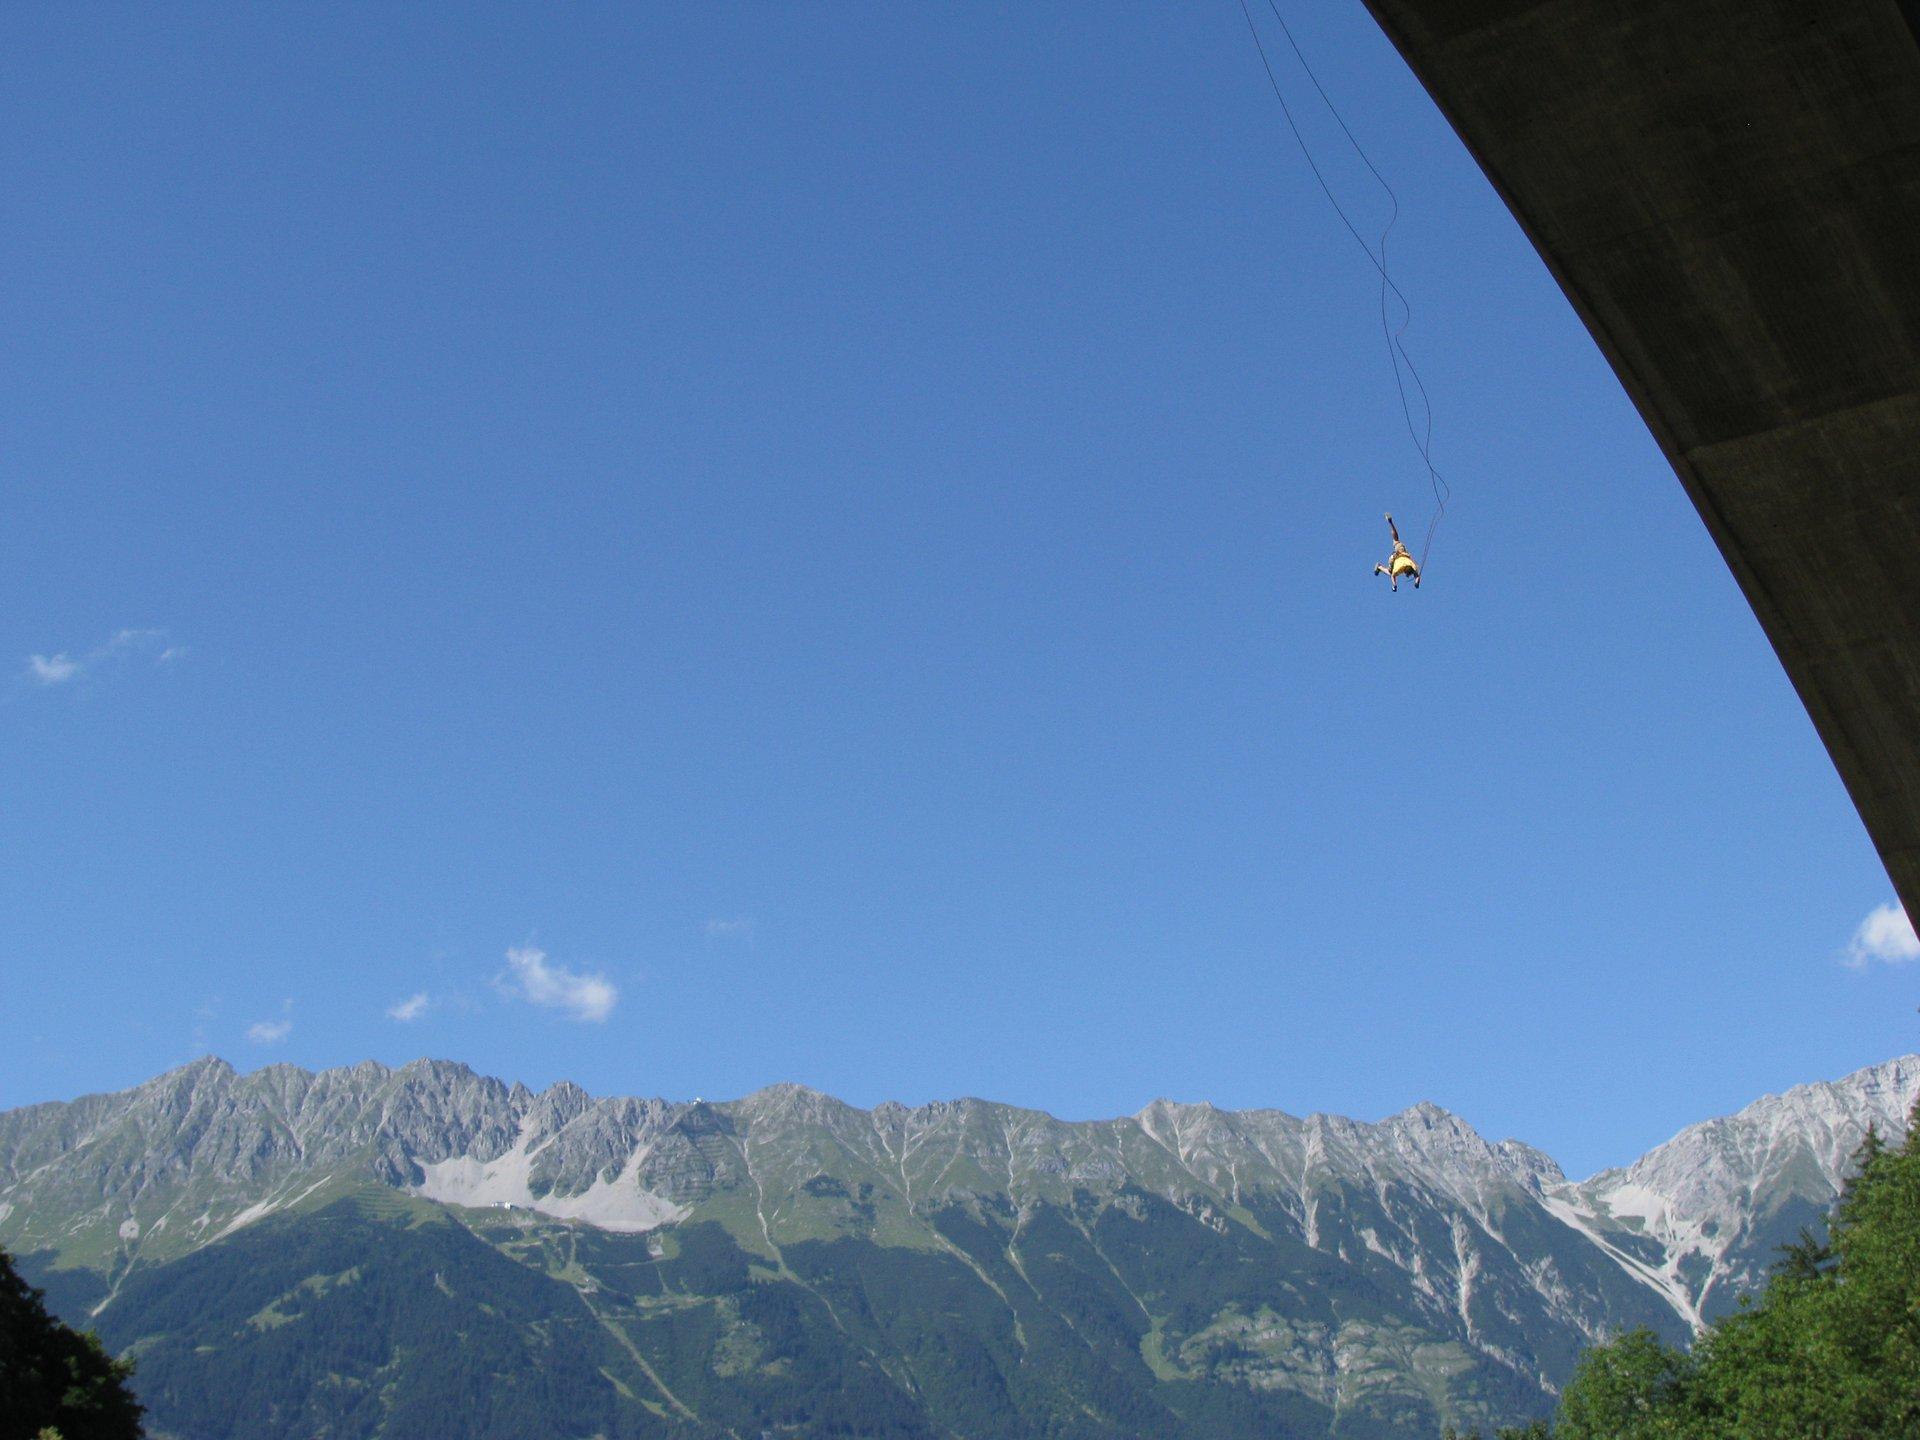 Again bridgejumping